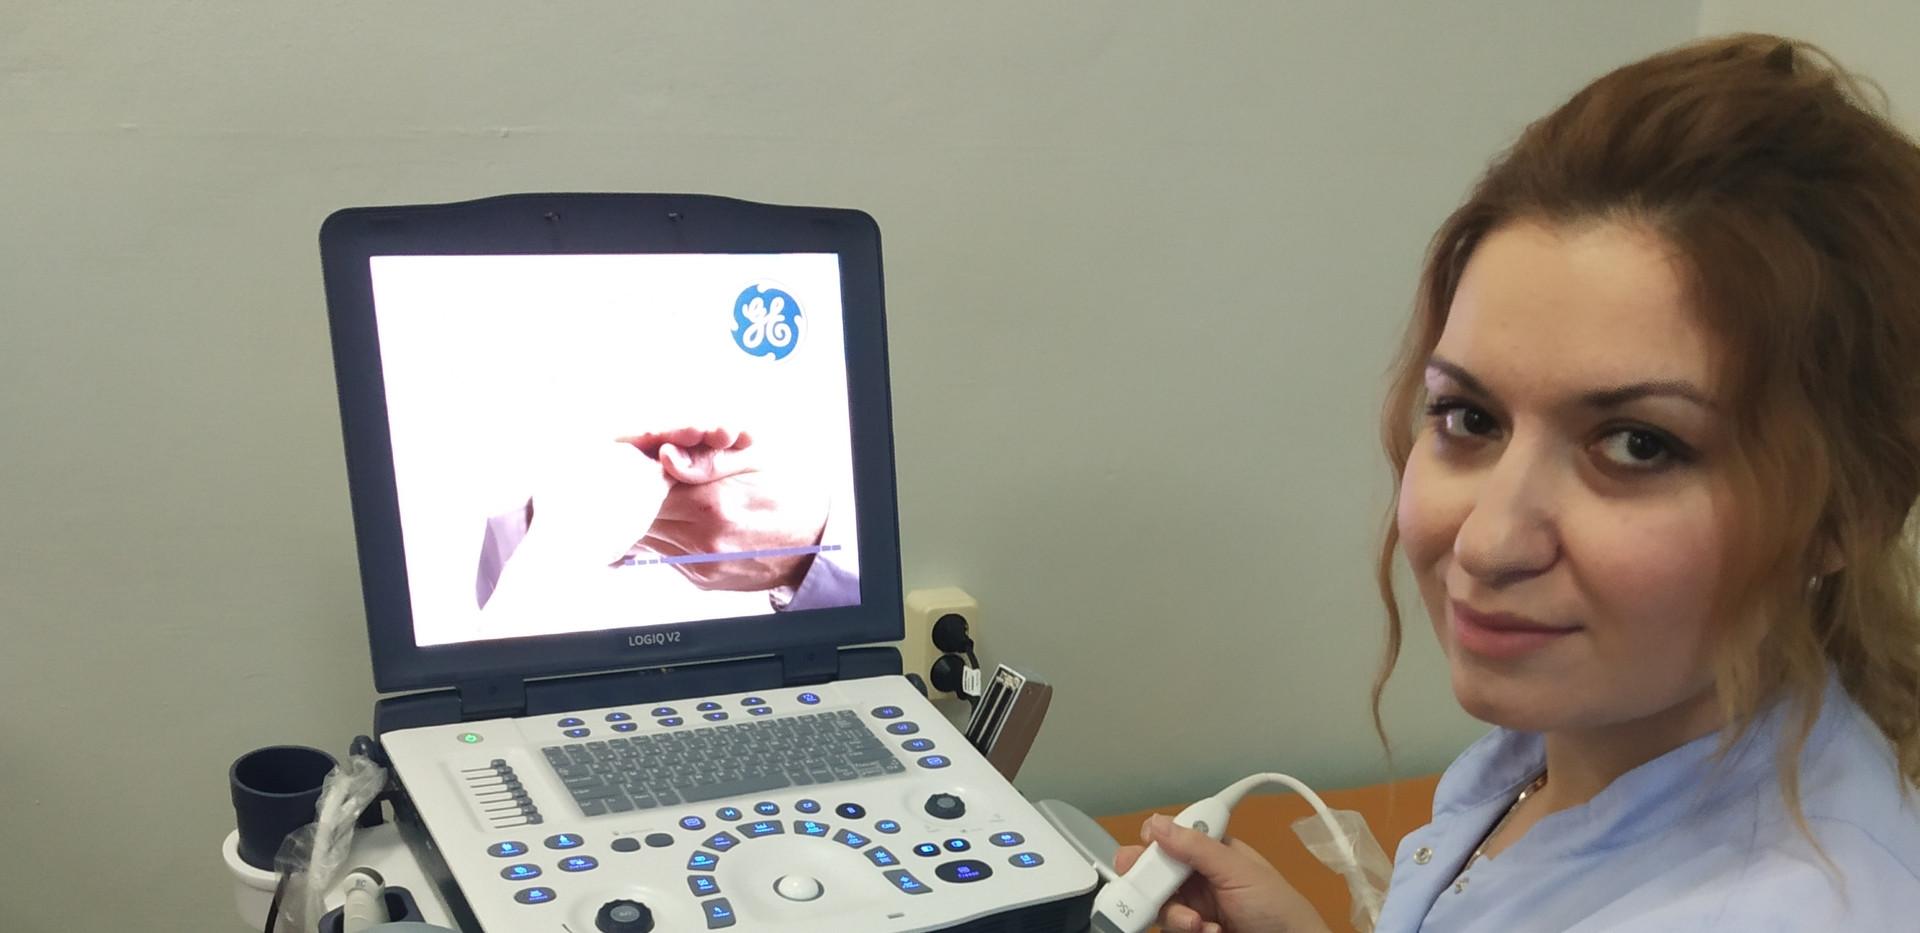 УЗИ аппарат диагностический портативный